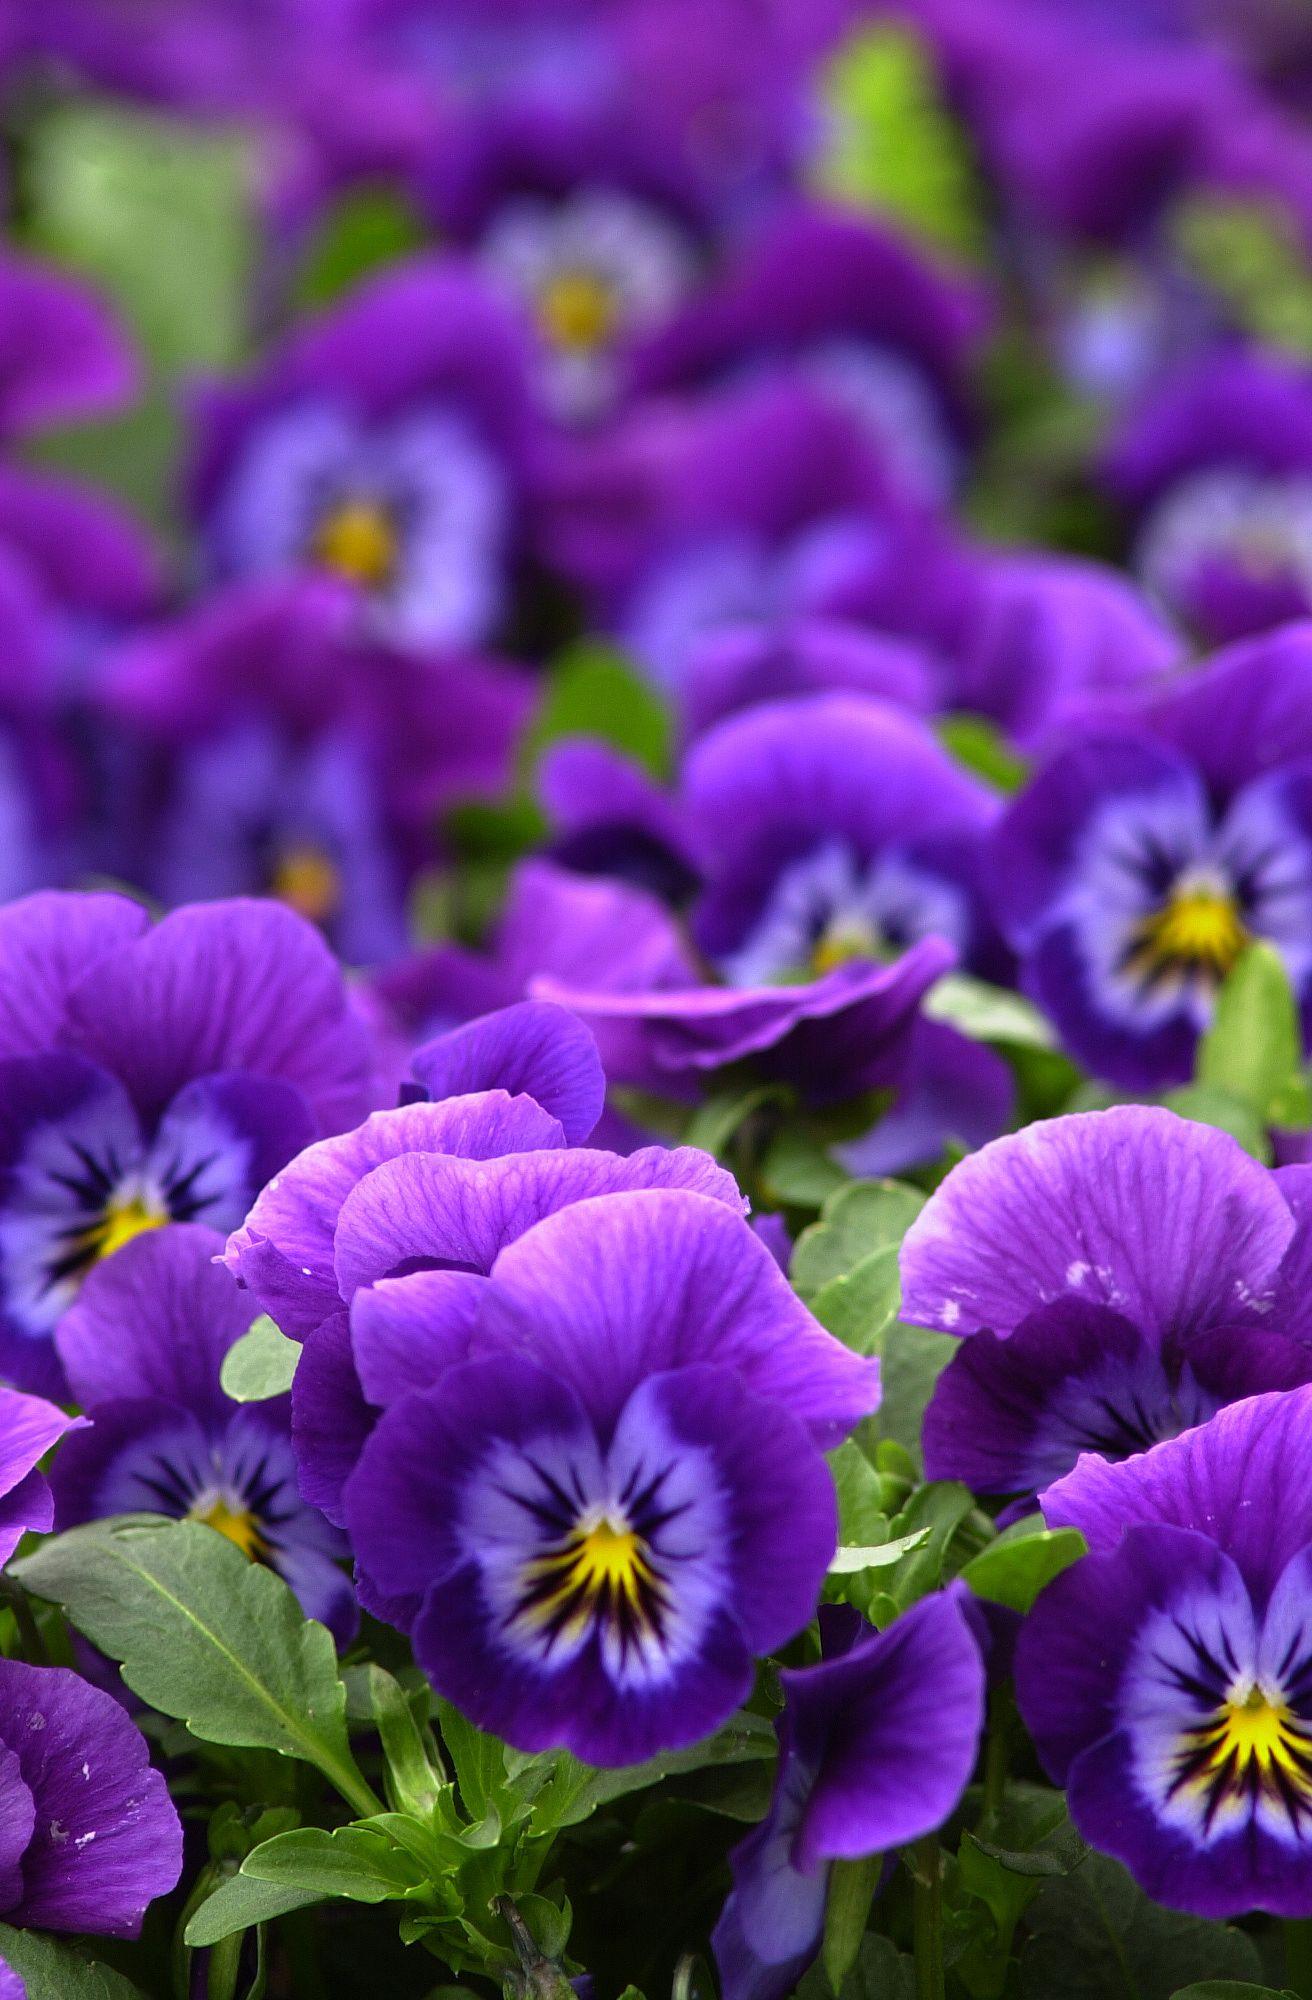 Viola x wittrockiana 'ultima' (Ultima Series Pansies